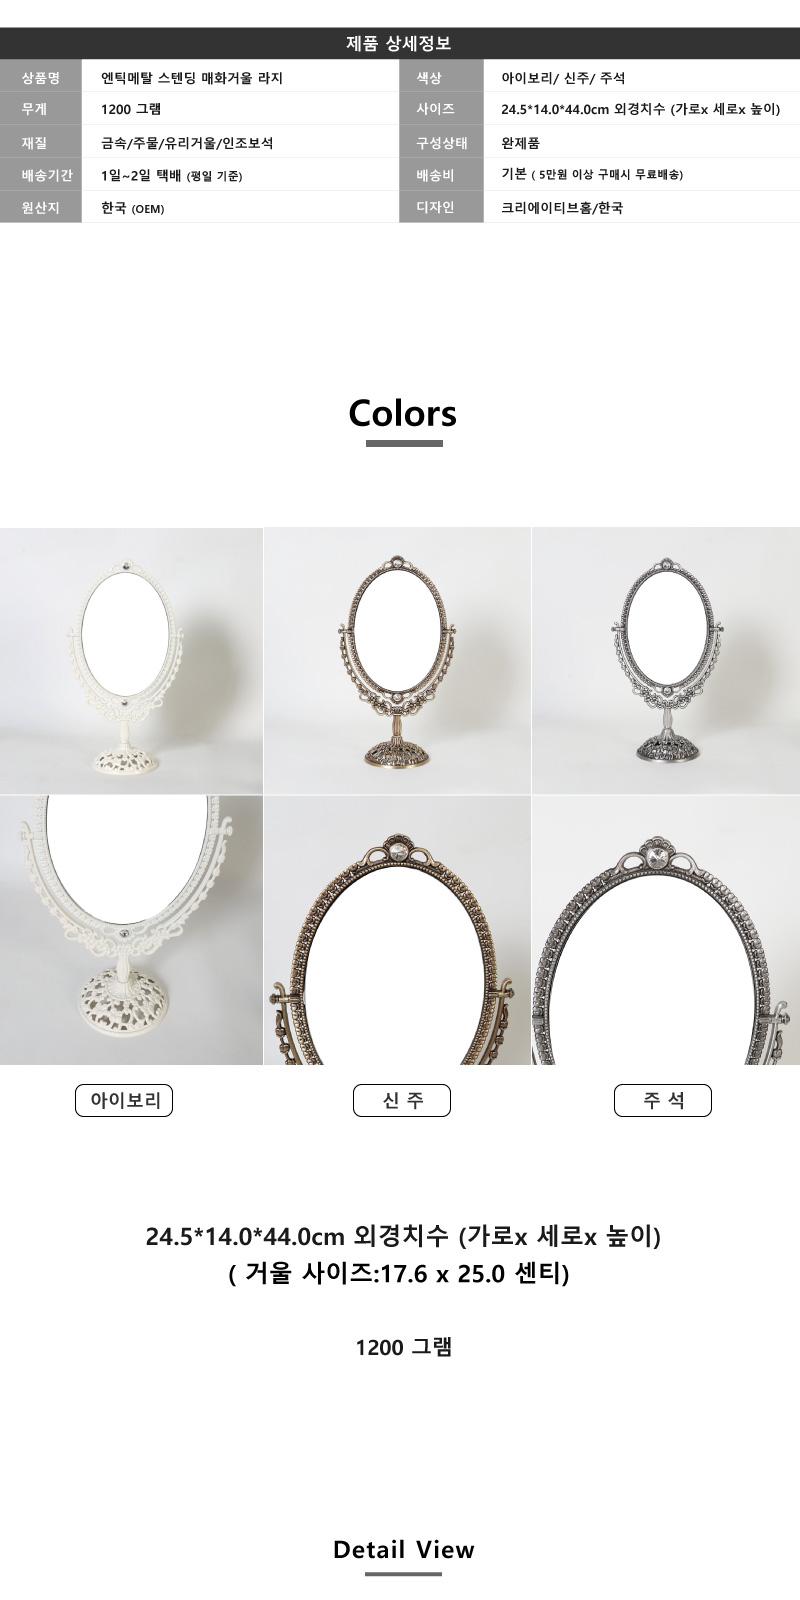 엔틱메탈 스텐딩 매화 화장거울 라지-3색상 - 크레디스, 42,000원, 거울, 탁상거울